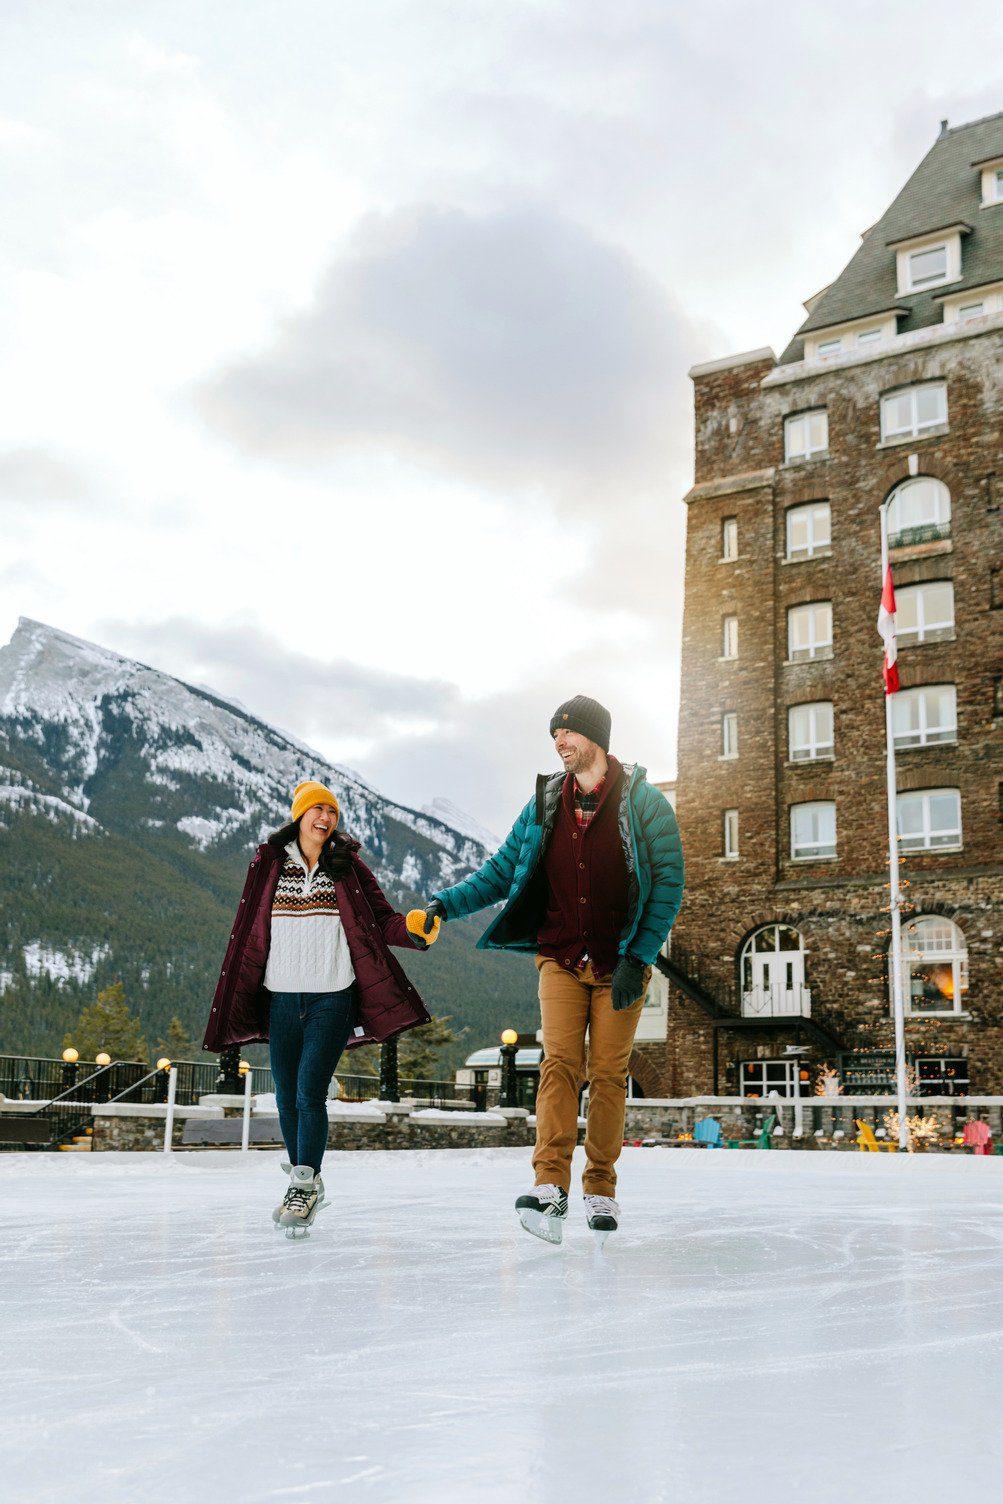 Skating at Banff Springs Hotel